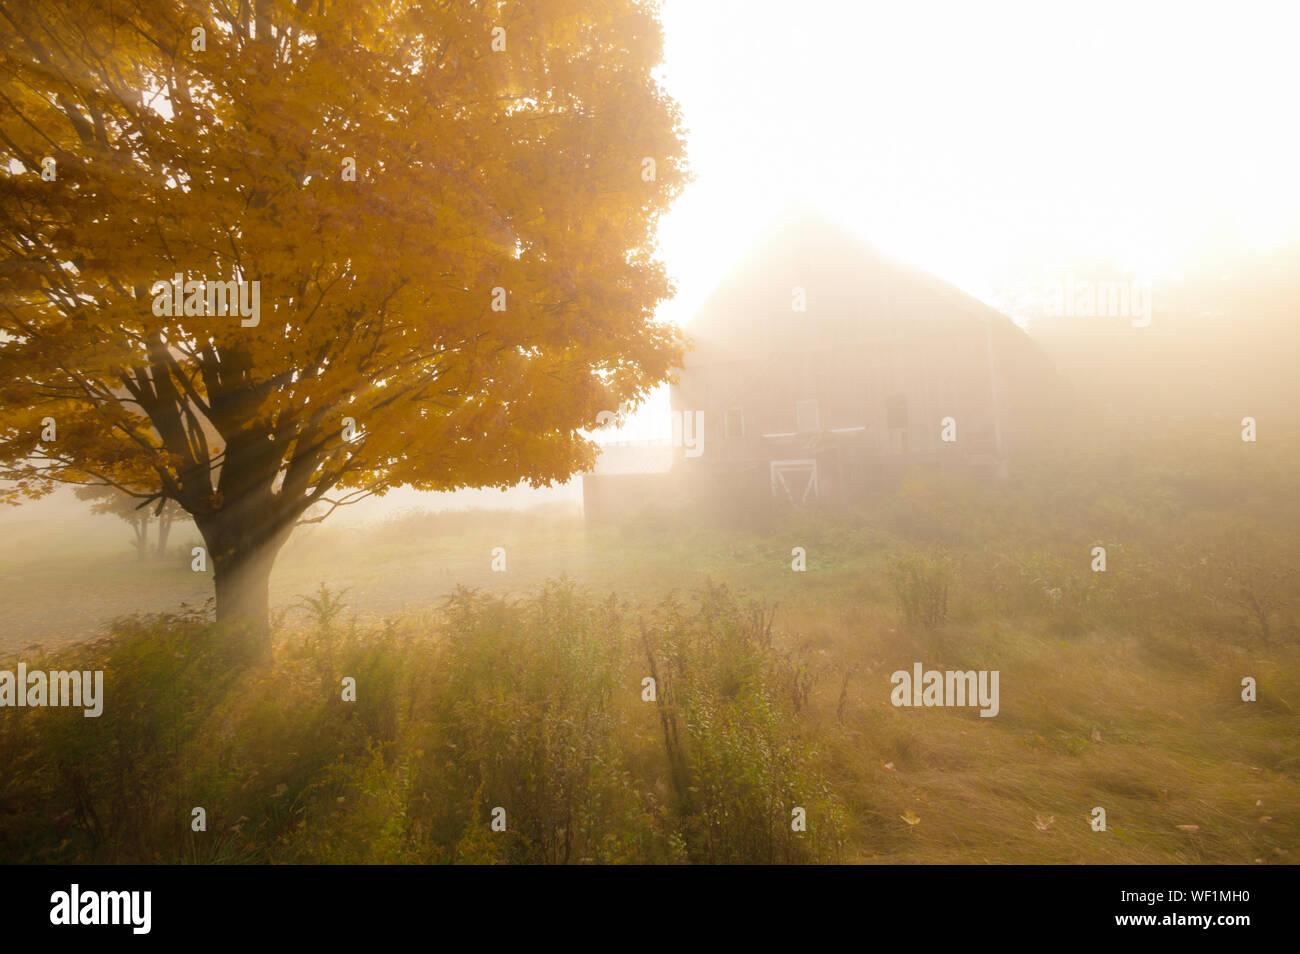 Sonnenlicht streifen durch die nebligen Bäume auf einem herbstmorgen mit einem alten roten Scheune im Hintergrund. Stockfoto